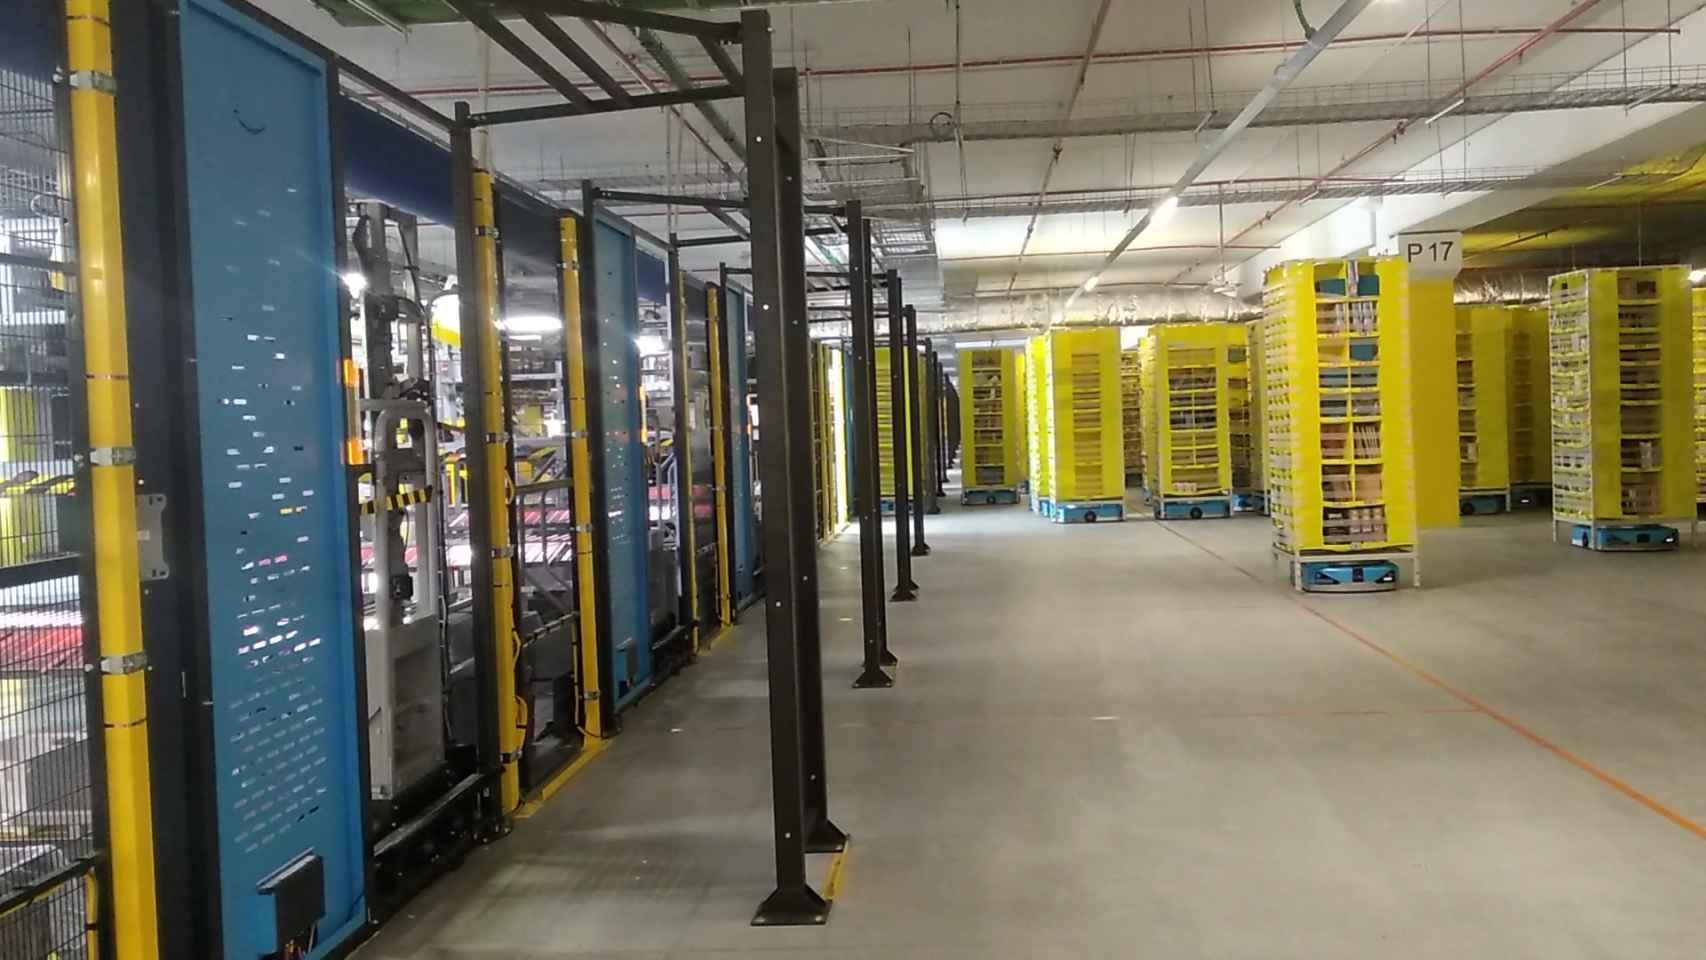 Los robots moviendo los productos en estanterías de Amazon.